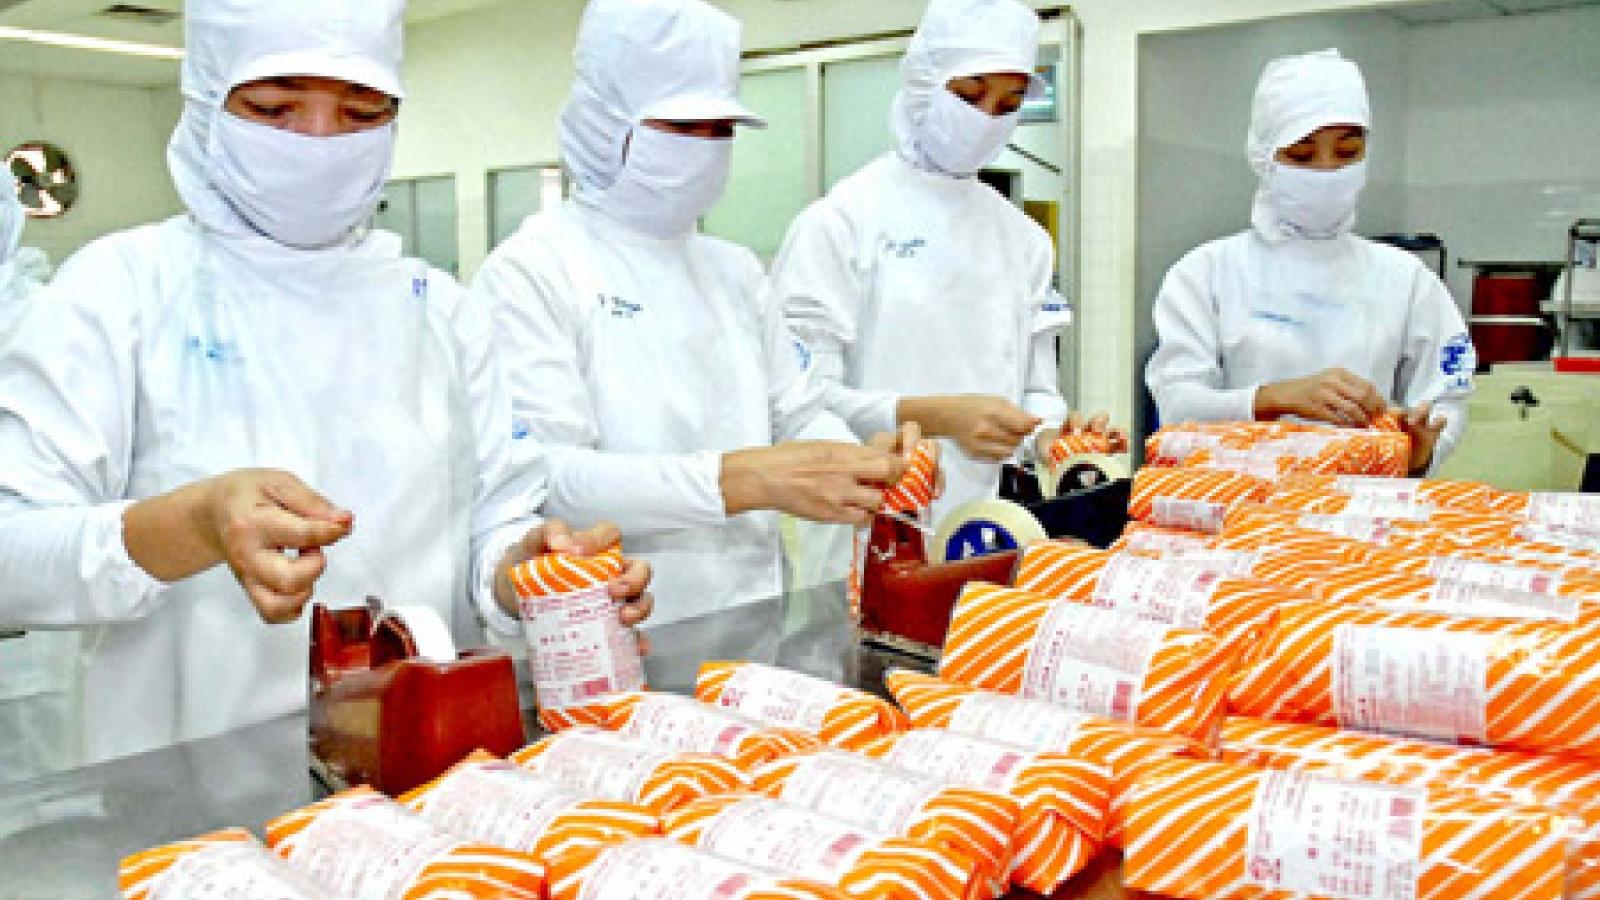 Food processing industry in Mekong Delta still not attracting investors